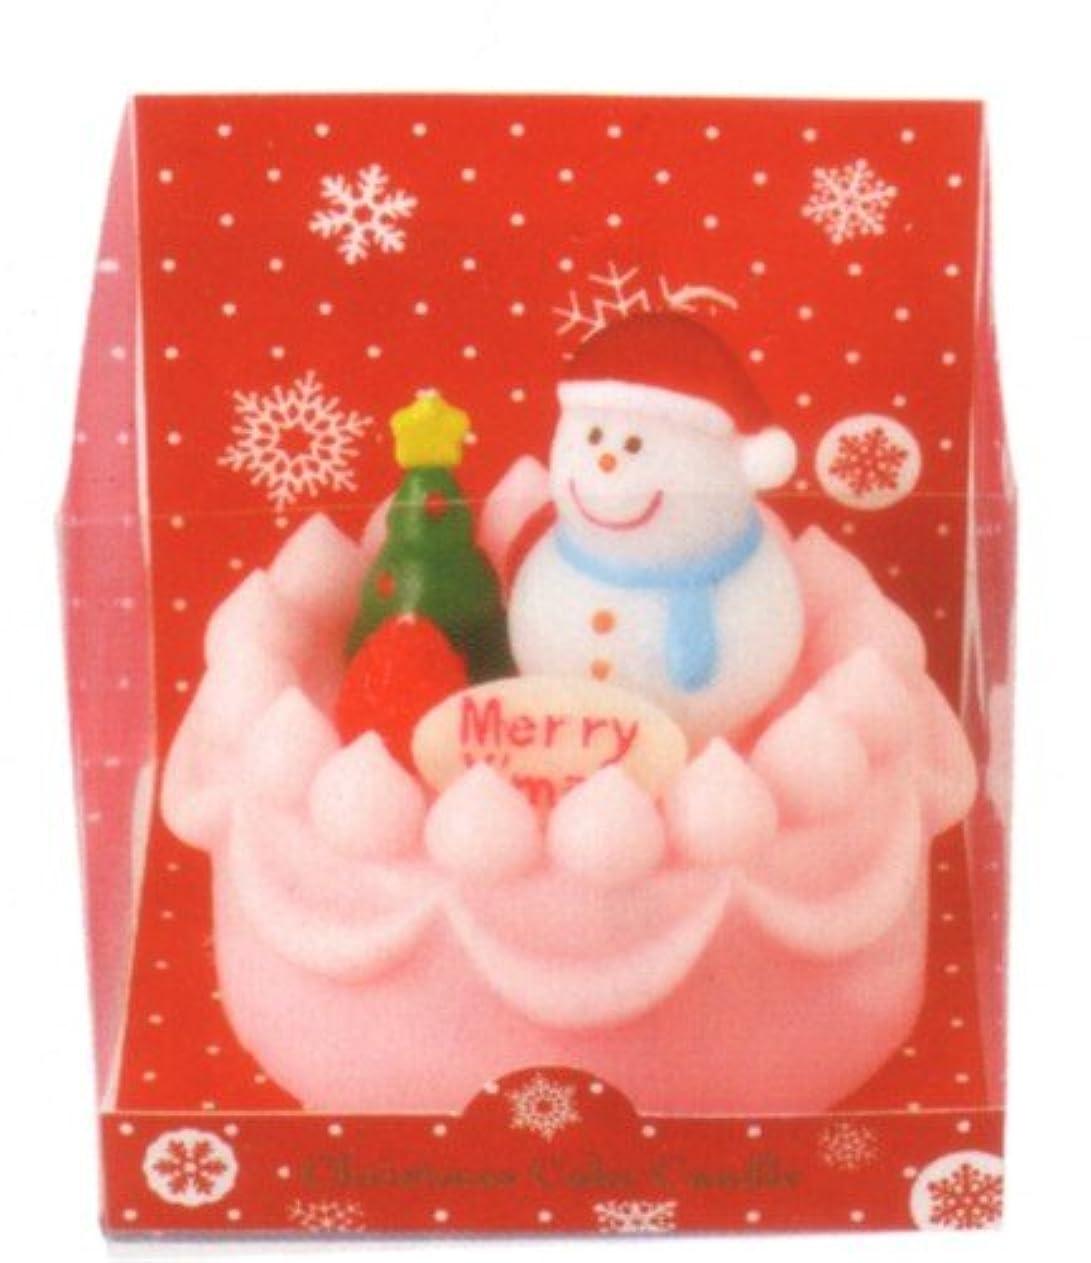 フレット主婦スロープクリスマスデコケーキキャンドル スノーマン